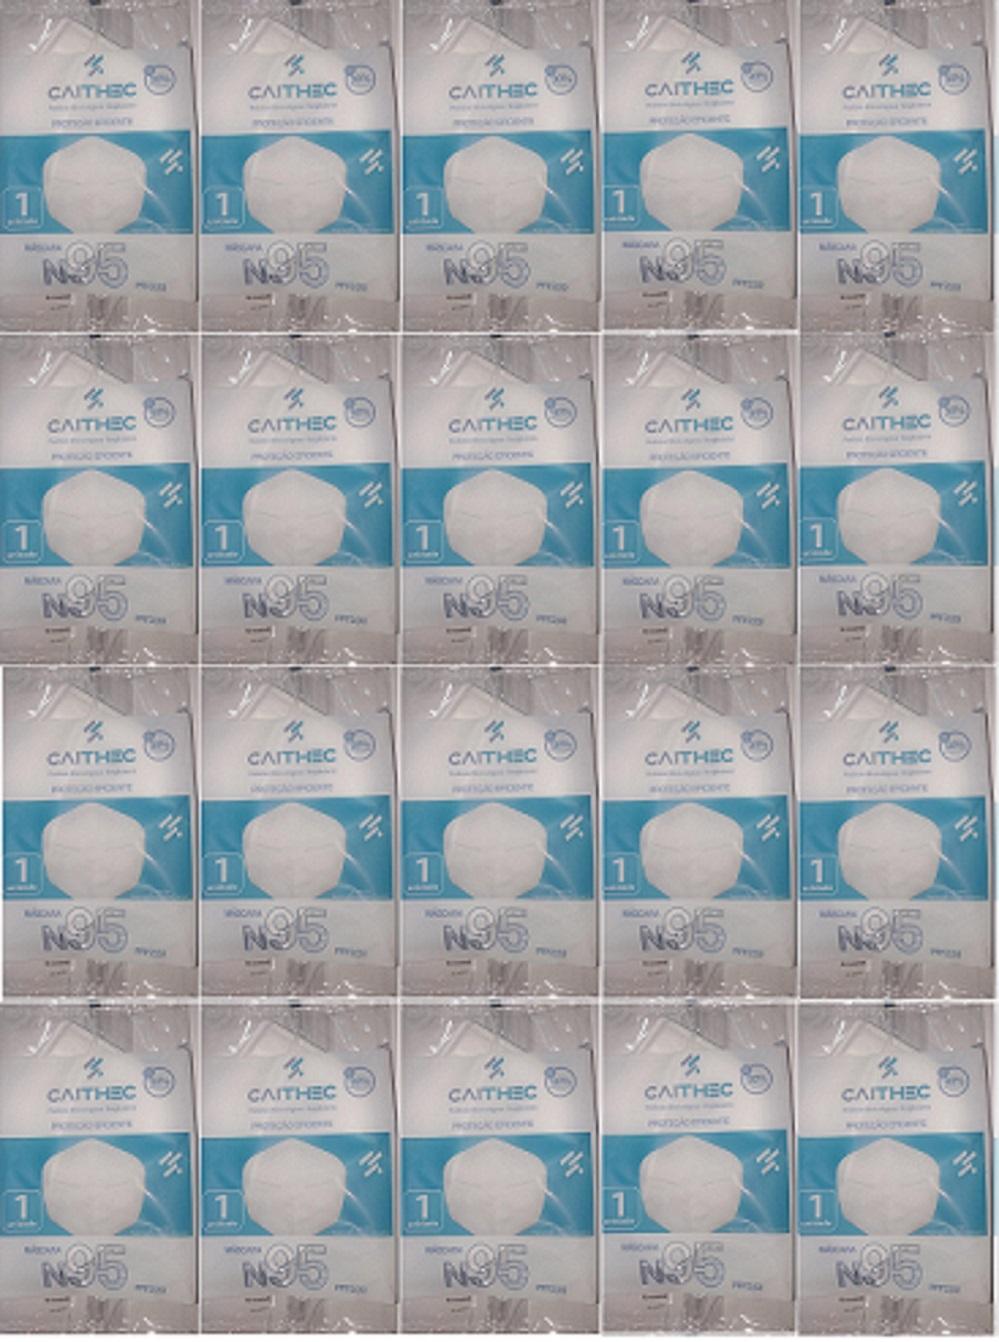 Mascara Bico De Pato Pff2 N95 ANVISA Clip Nasal 20Unididade